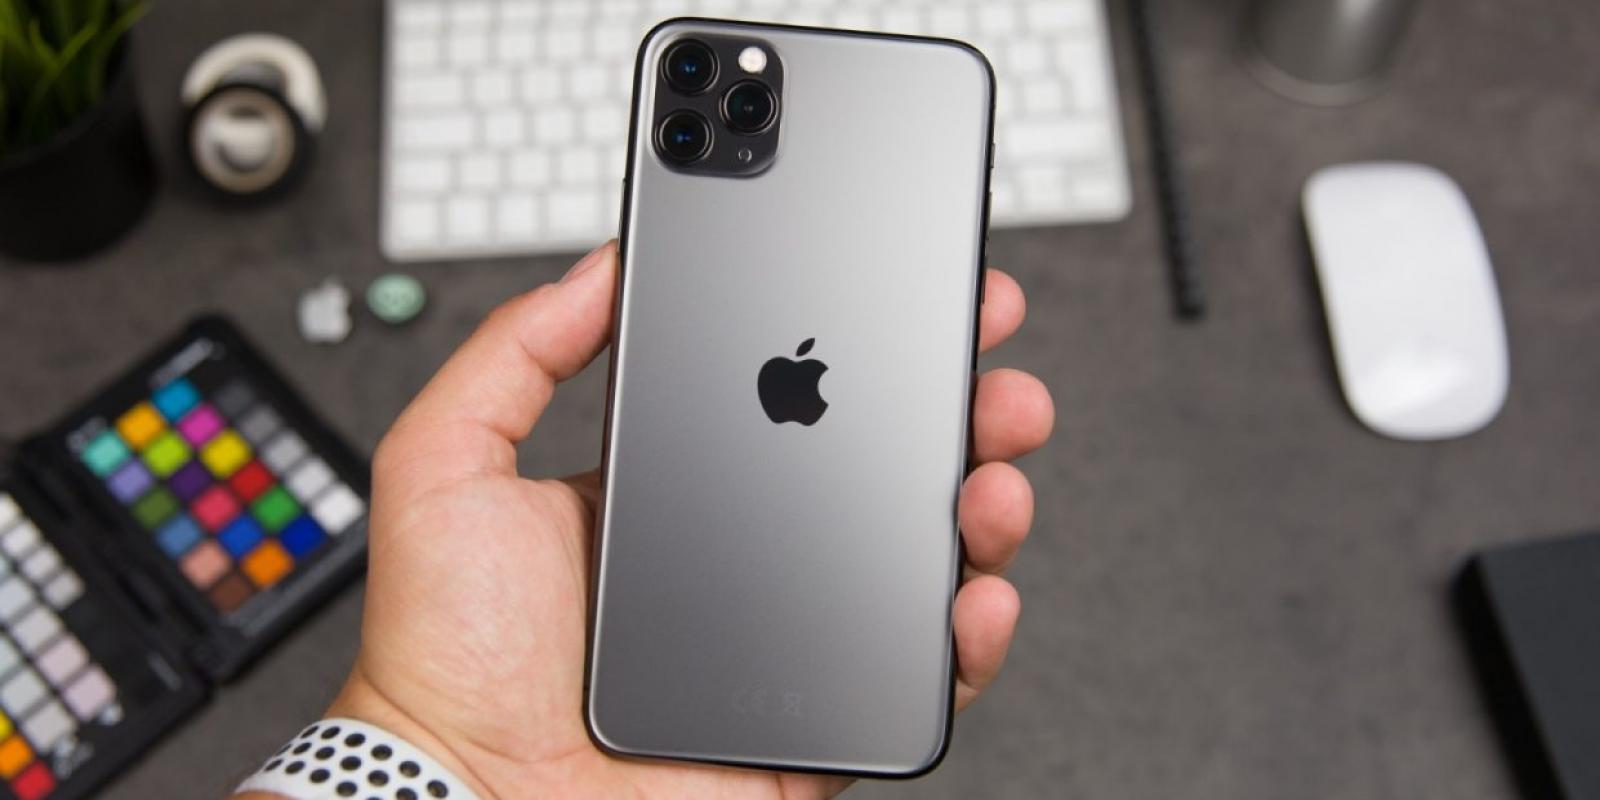 Среднему пользователю нет смысла покупать дорогие iPhone 12